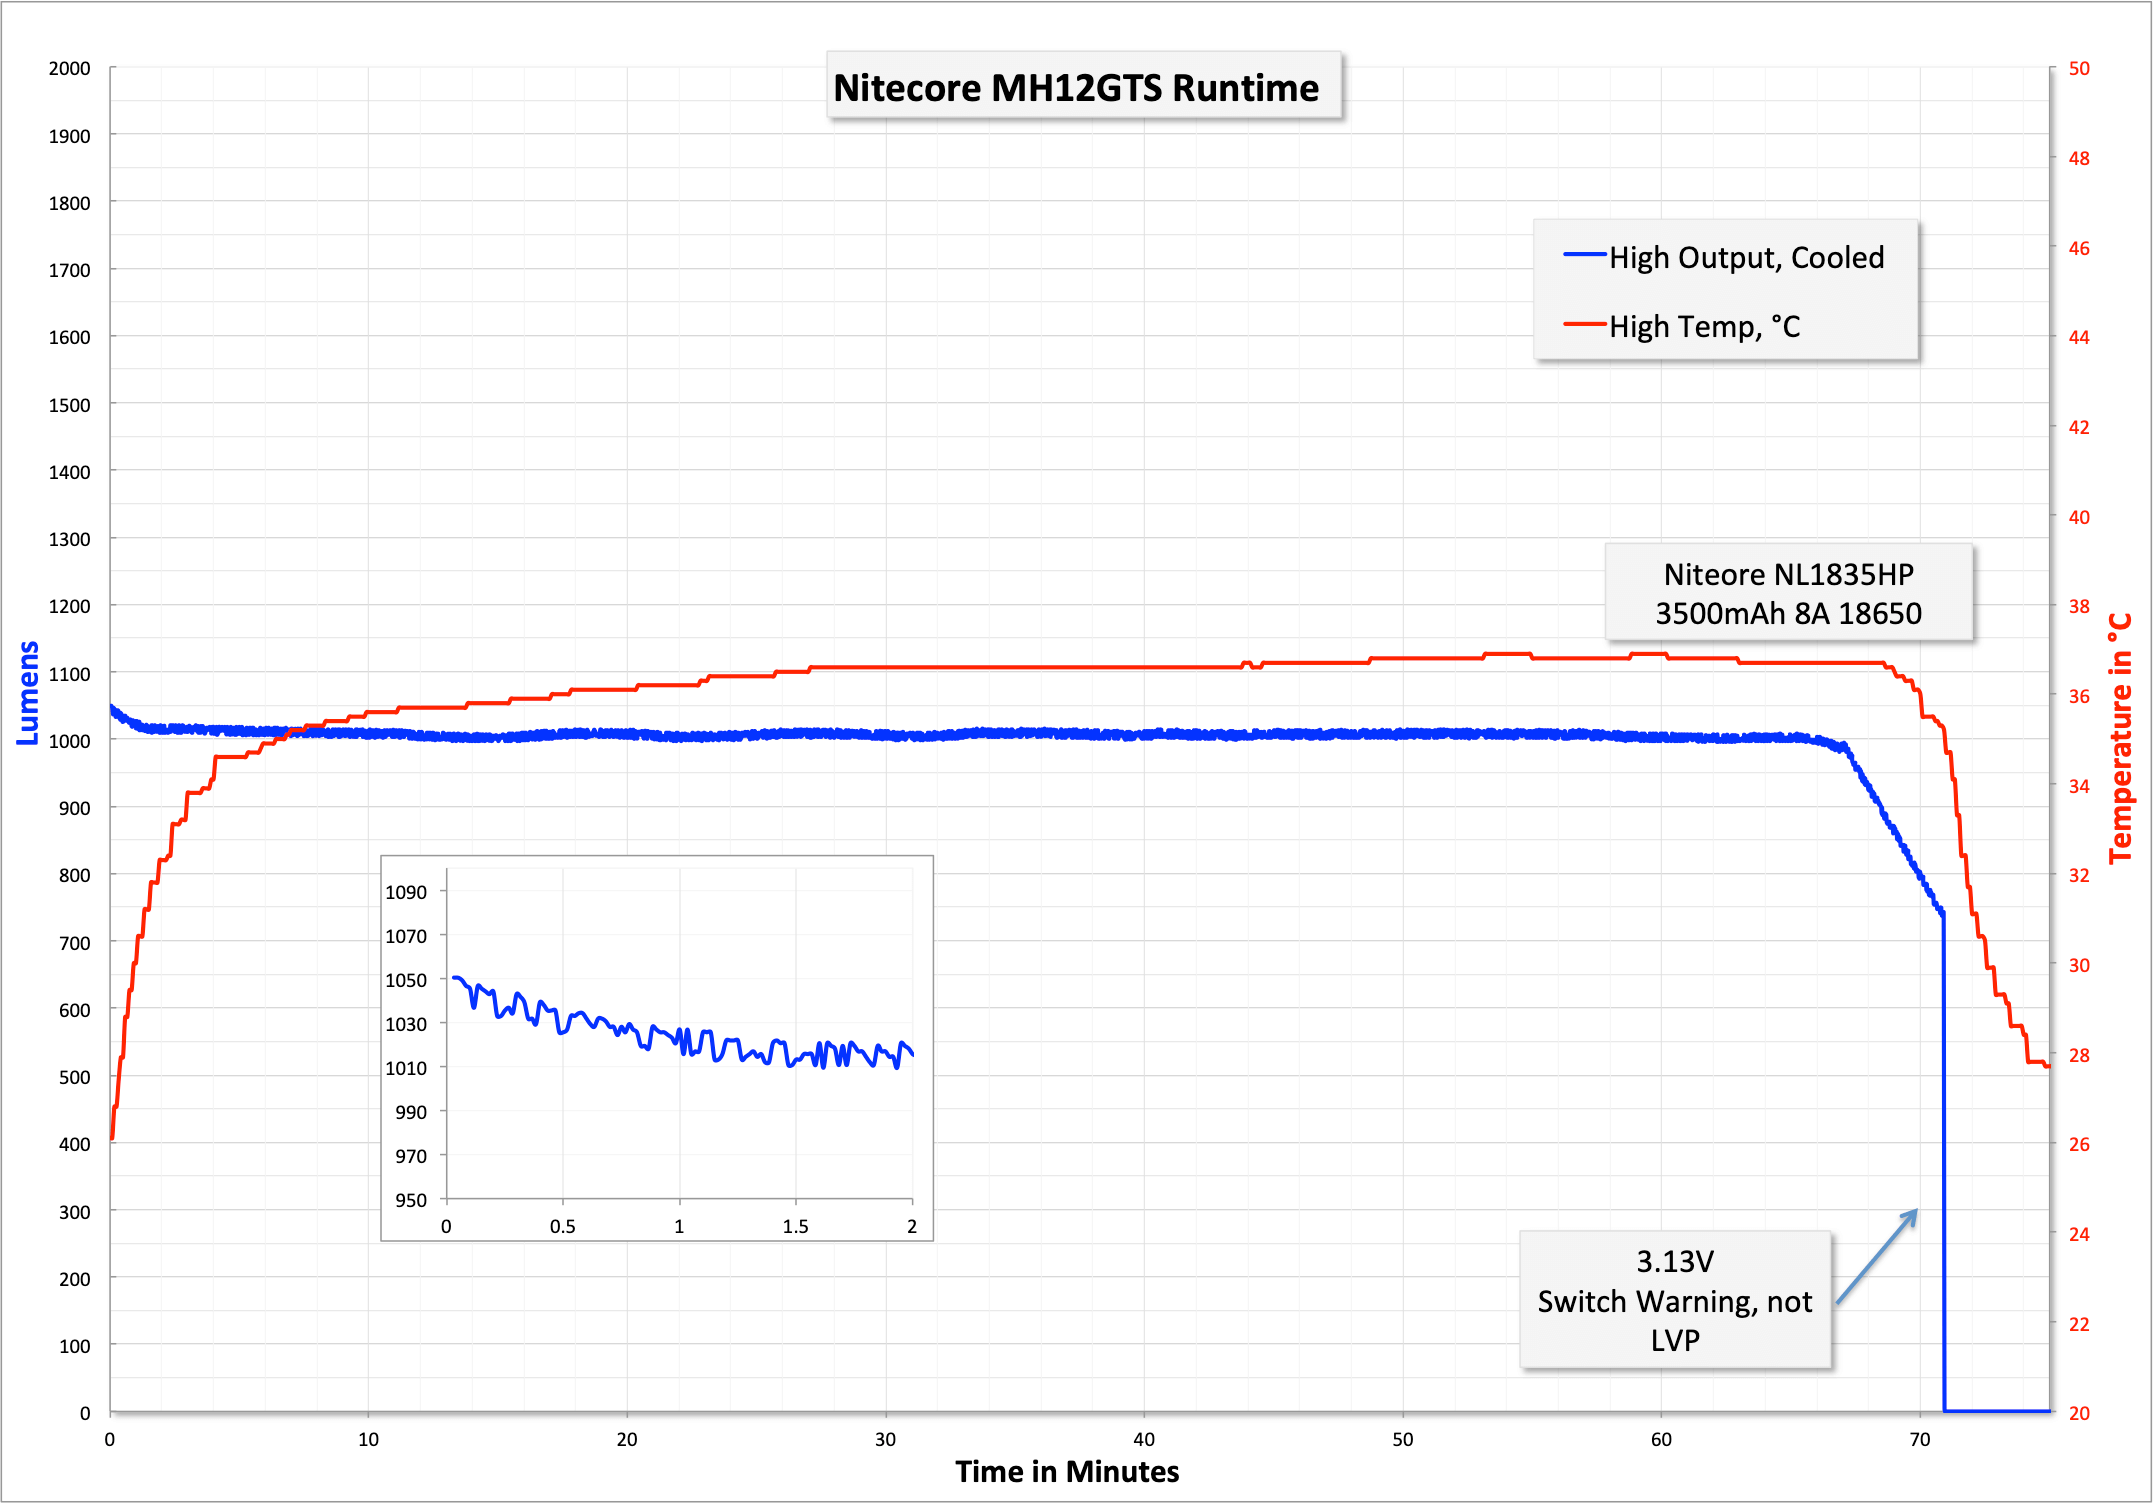 68_zeroair_reviews_nitecore_mh12gts_18650